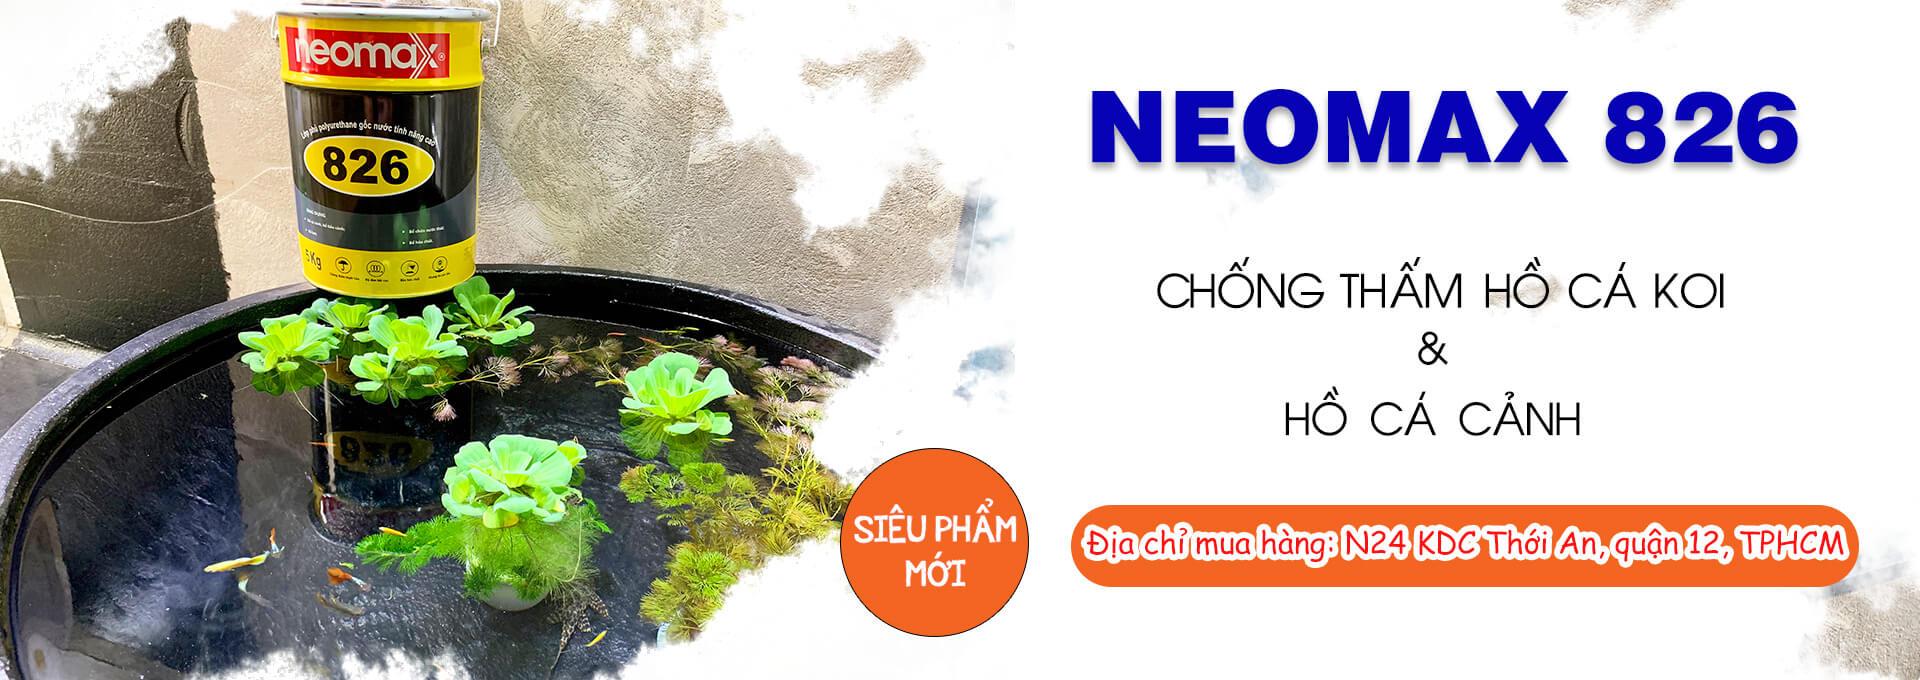 Chống thấm bể cá cảnh với neomax 826